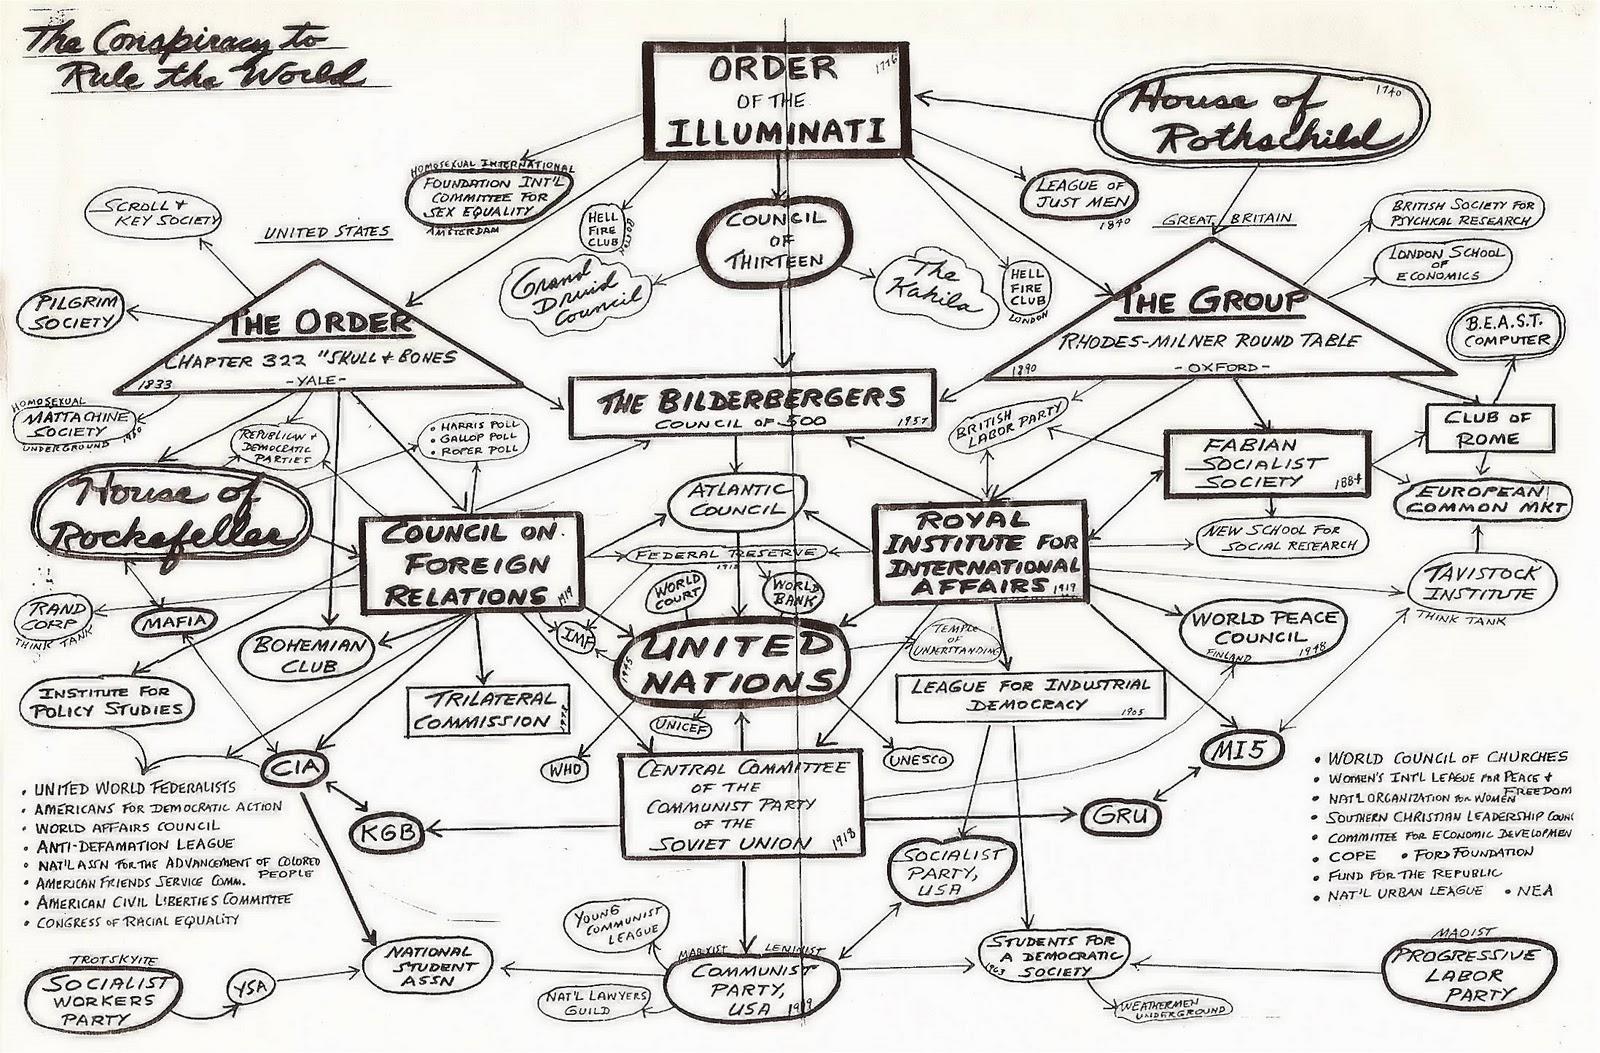 https://4.bp.blogspot.com/-e9D1OWg6Pvk/Tqn8-orWljI/AAAAAAAAFbA/VO-gANUXYlY/s1600/conspiracy+charles+frith+rothschilds+map+chart.jpg